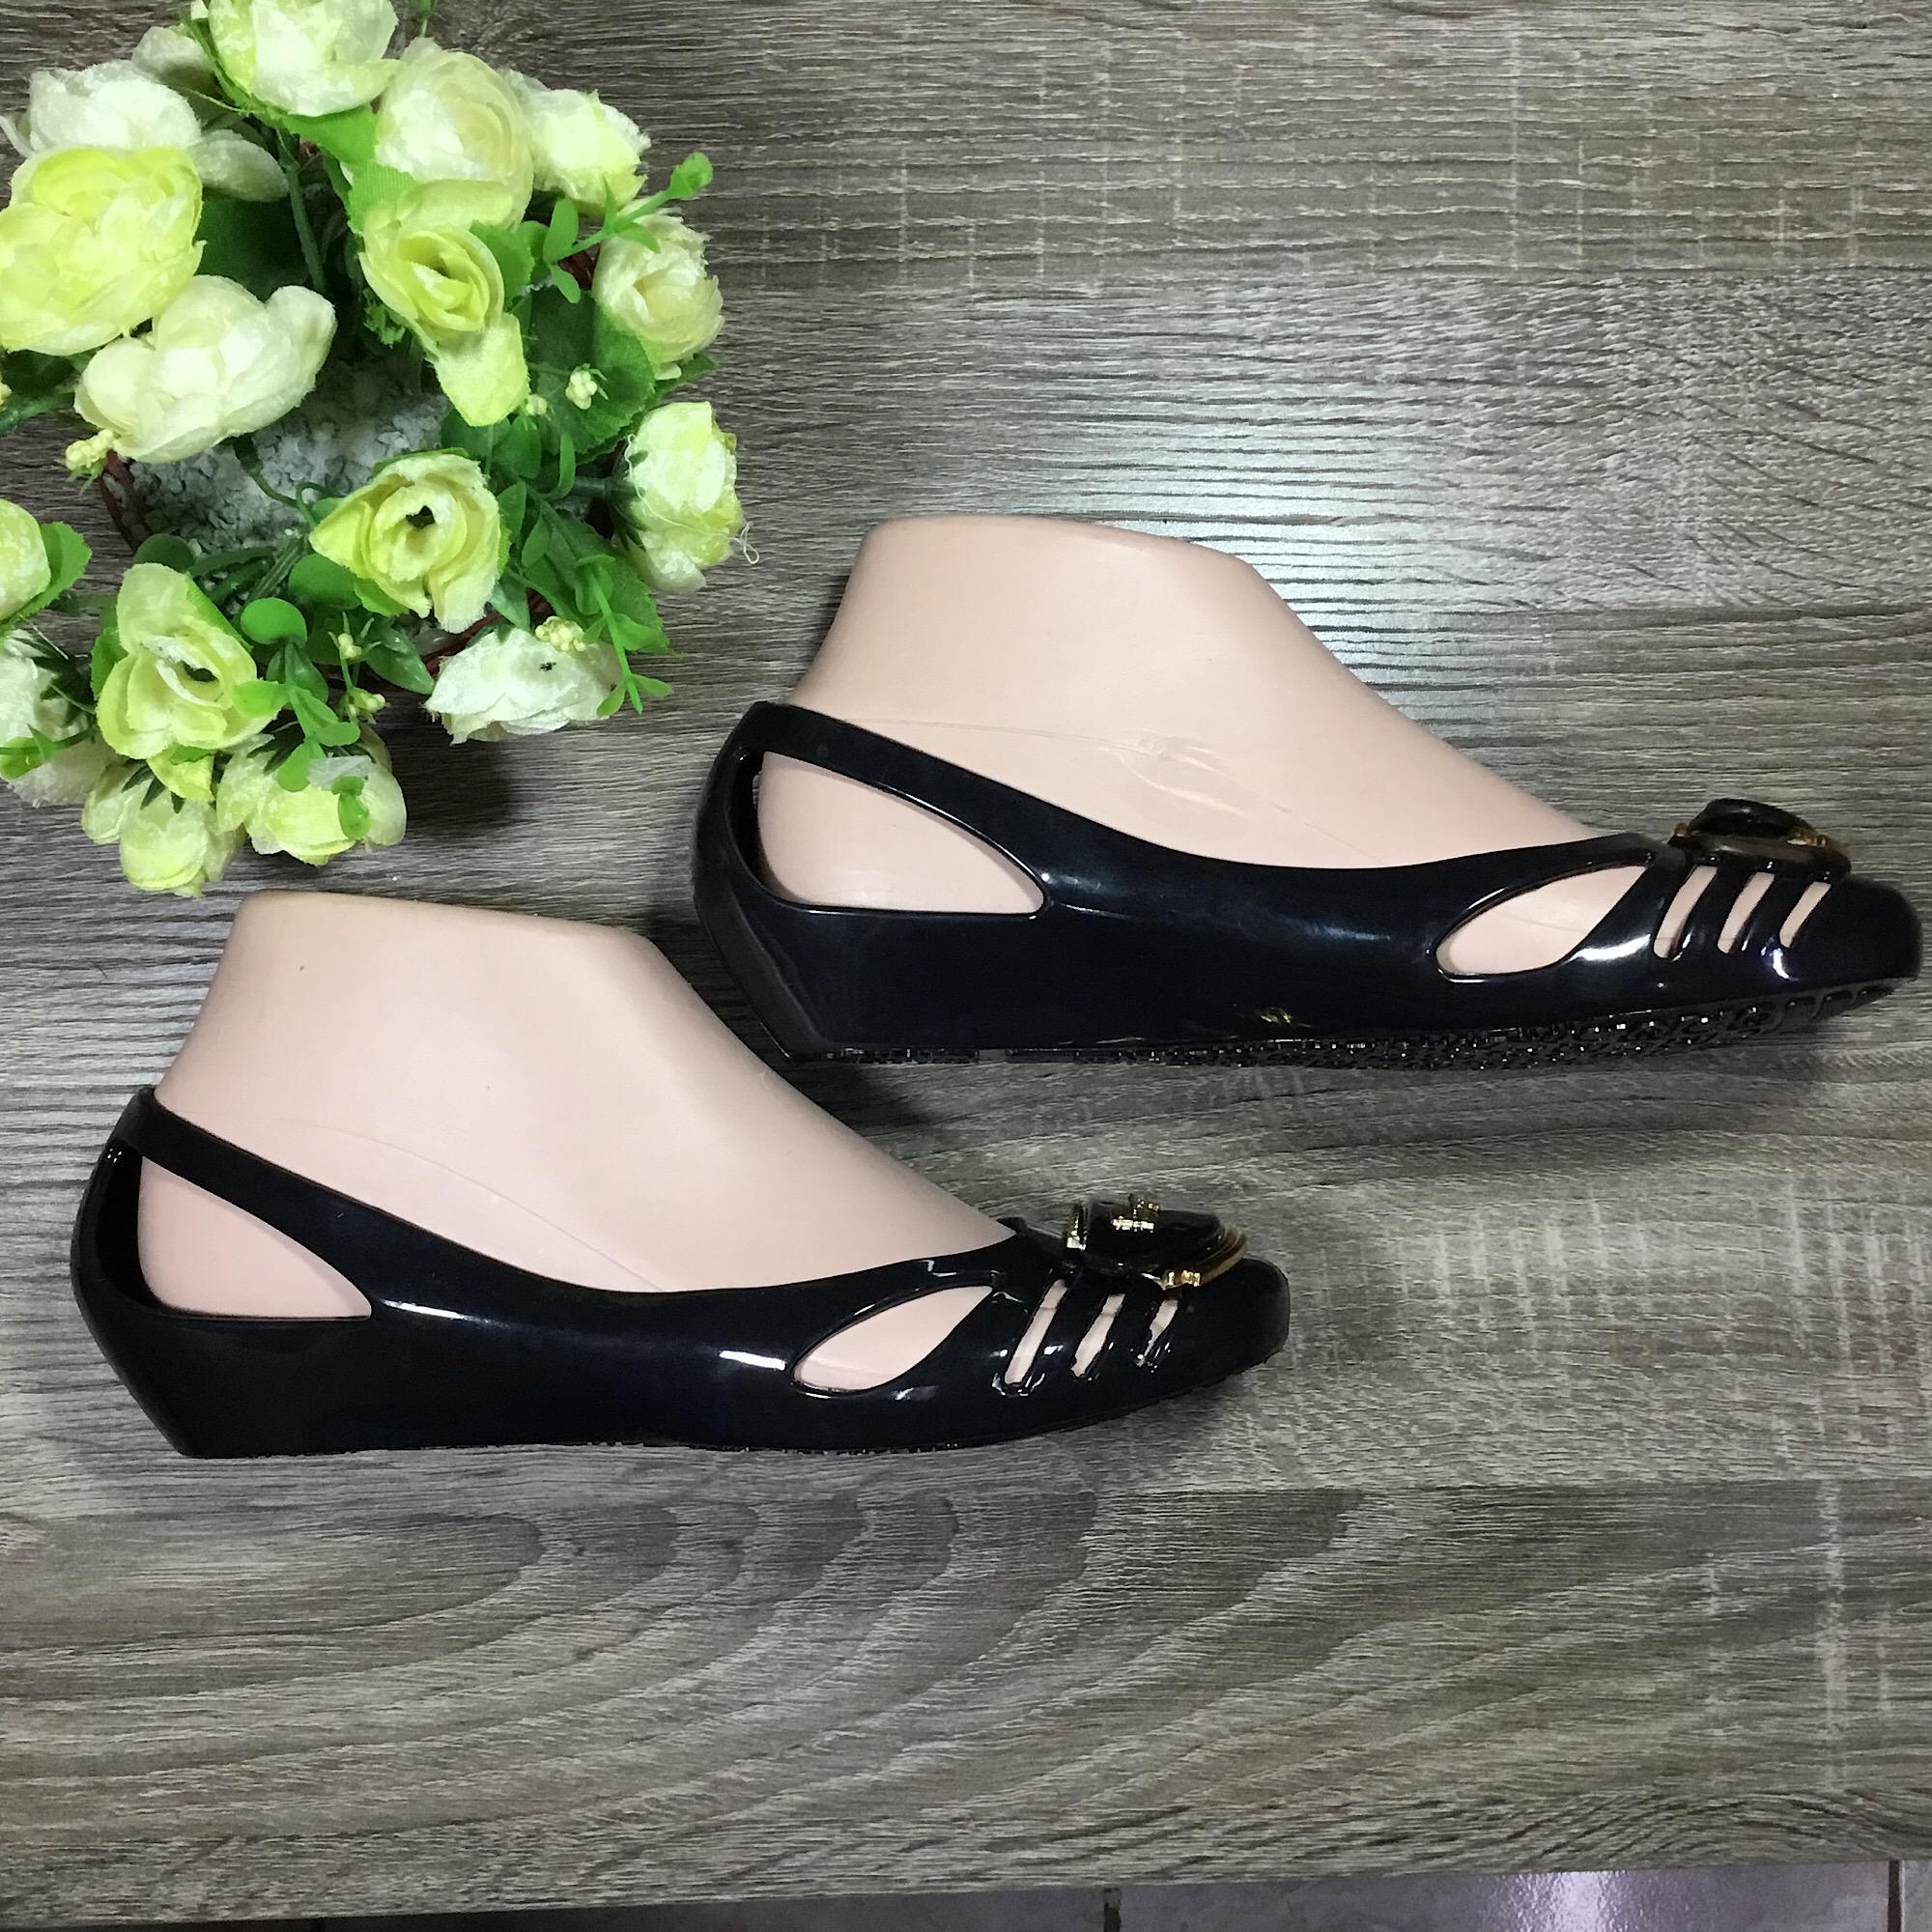 Rafishashoes-Sepatu Jelly Moon Feragamo-[Black] - 3 .